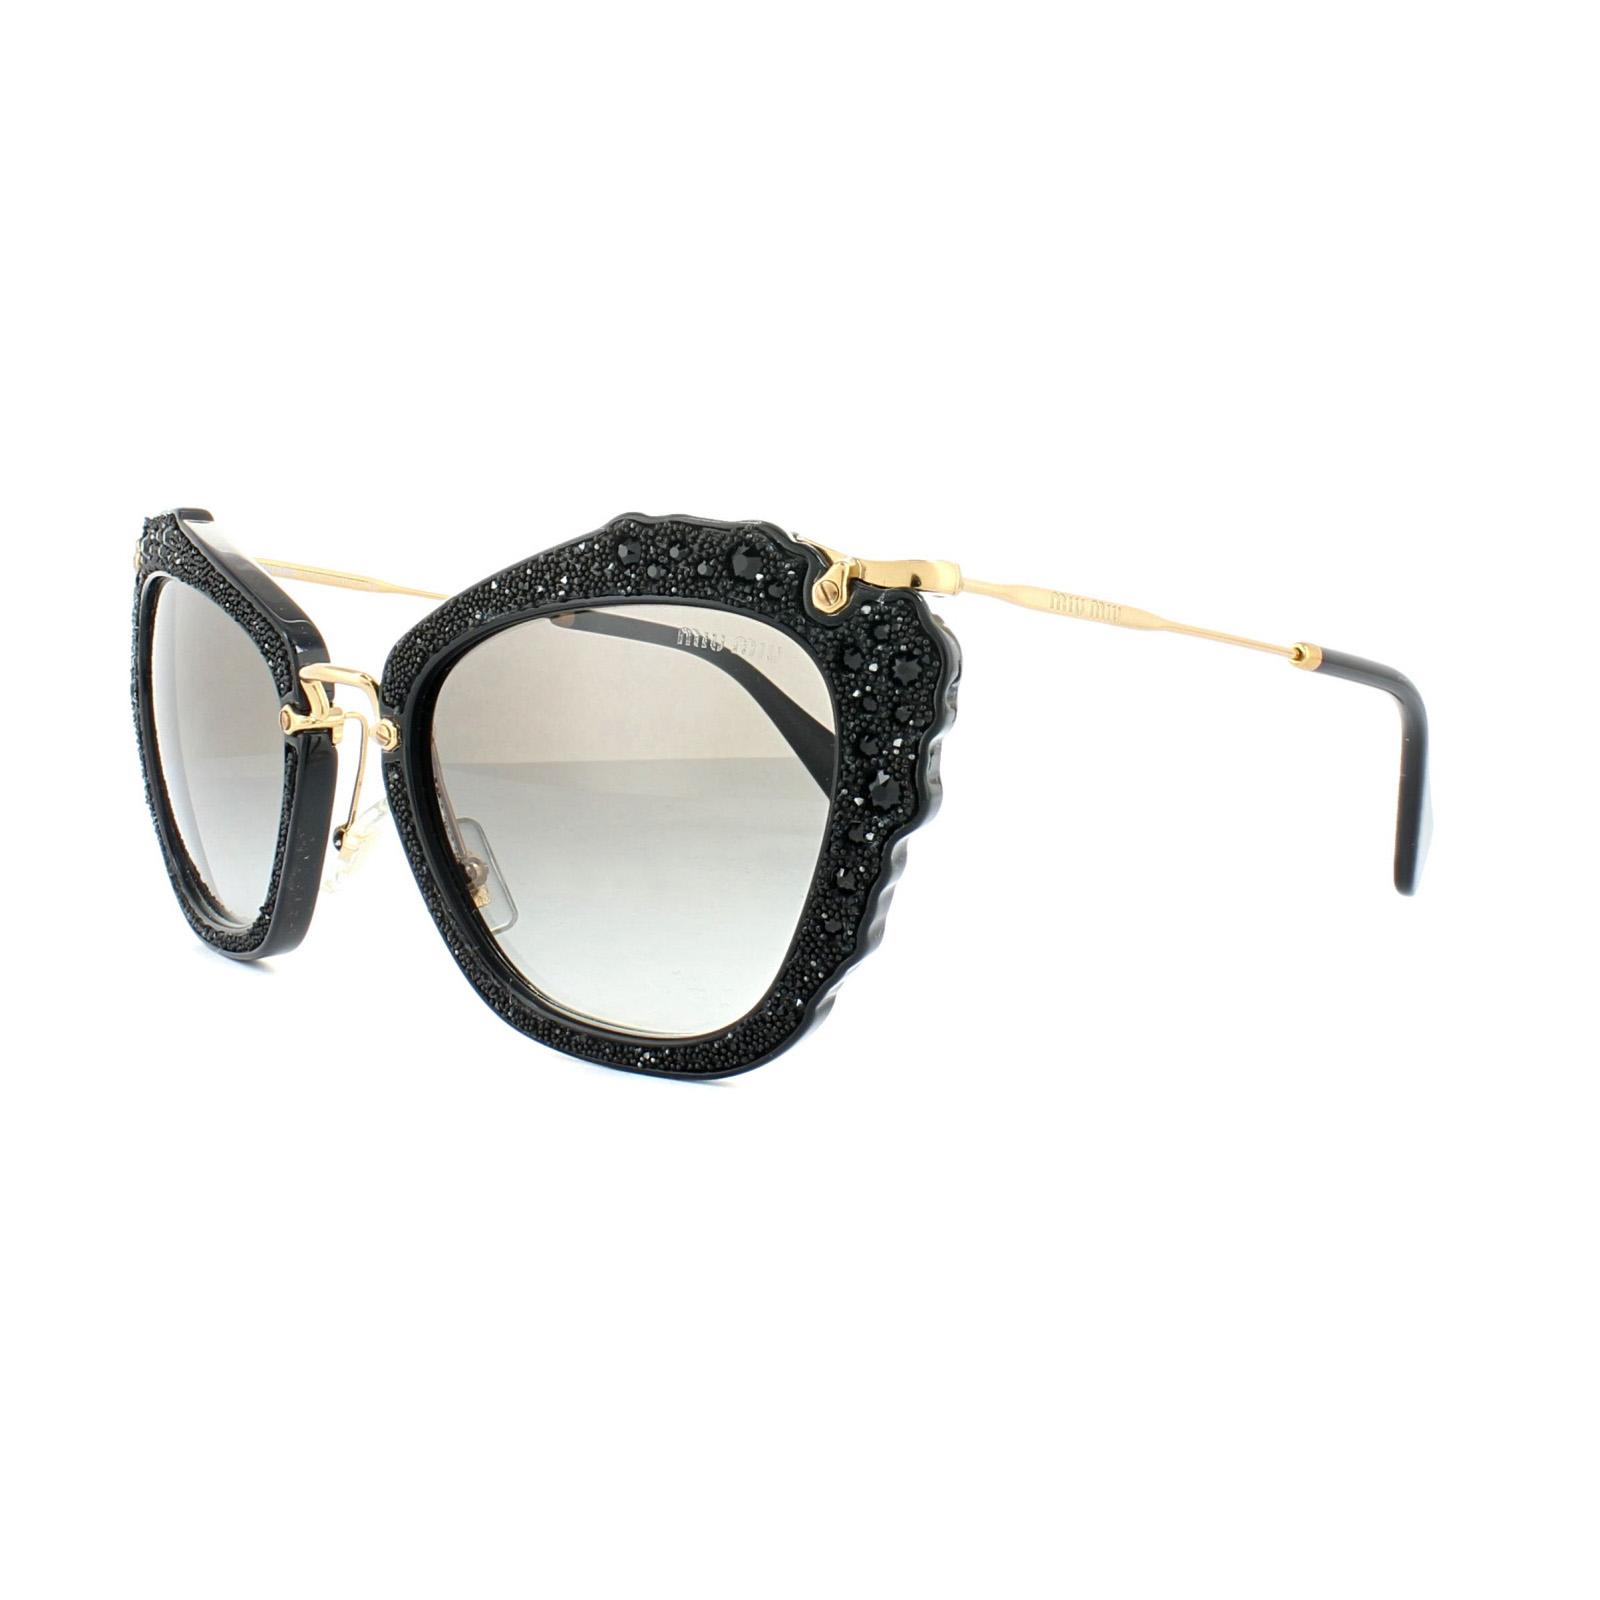 063f7307e44c Cheap Miu Miu 04QS Sunglasses - Discounted Sunglasses